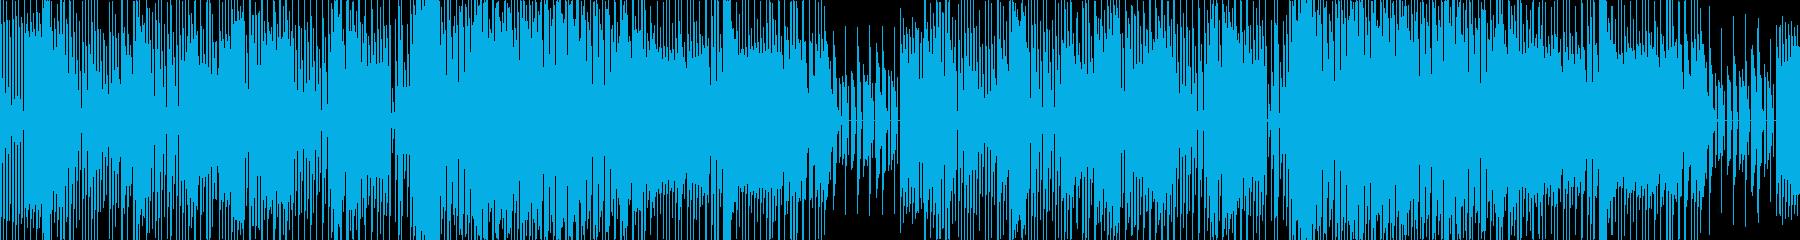 ループの昔懐かしいチップチューンbgmの再生済みの波形